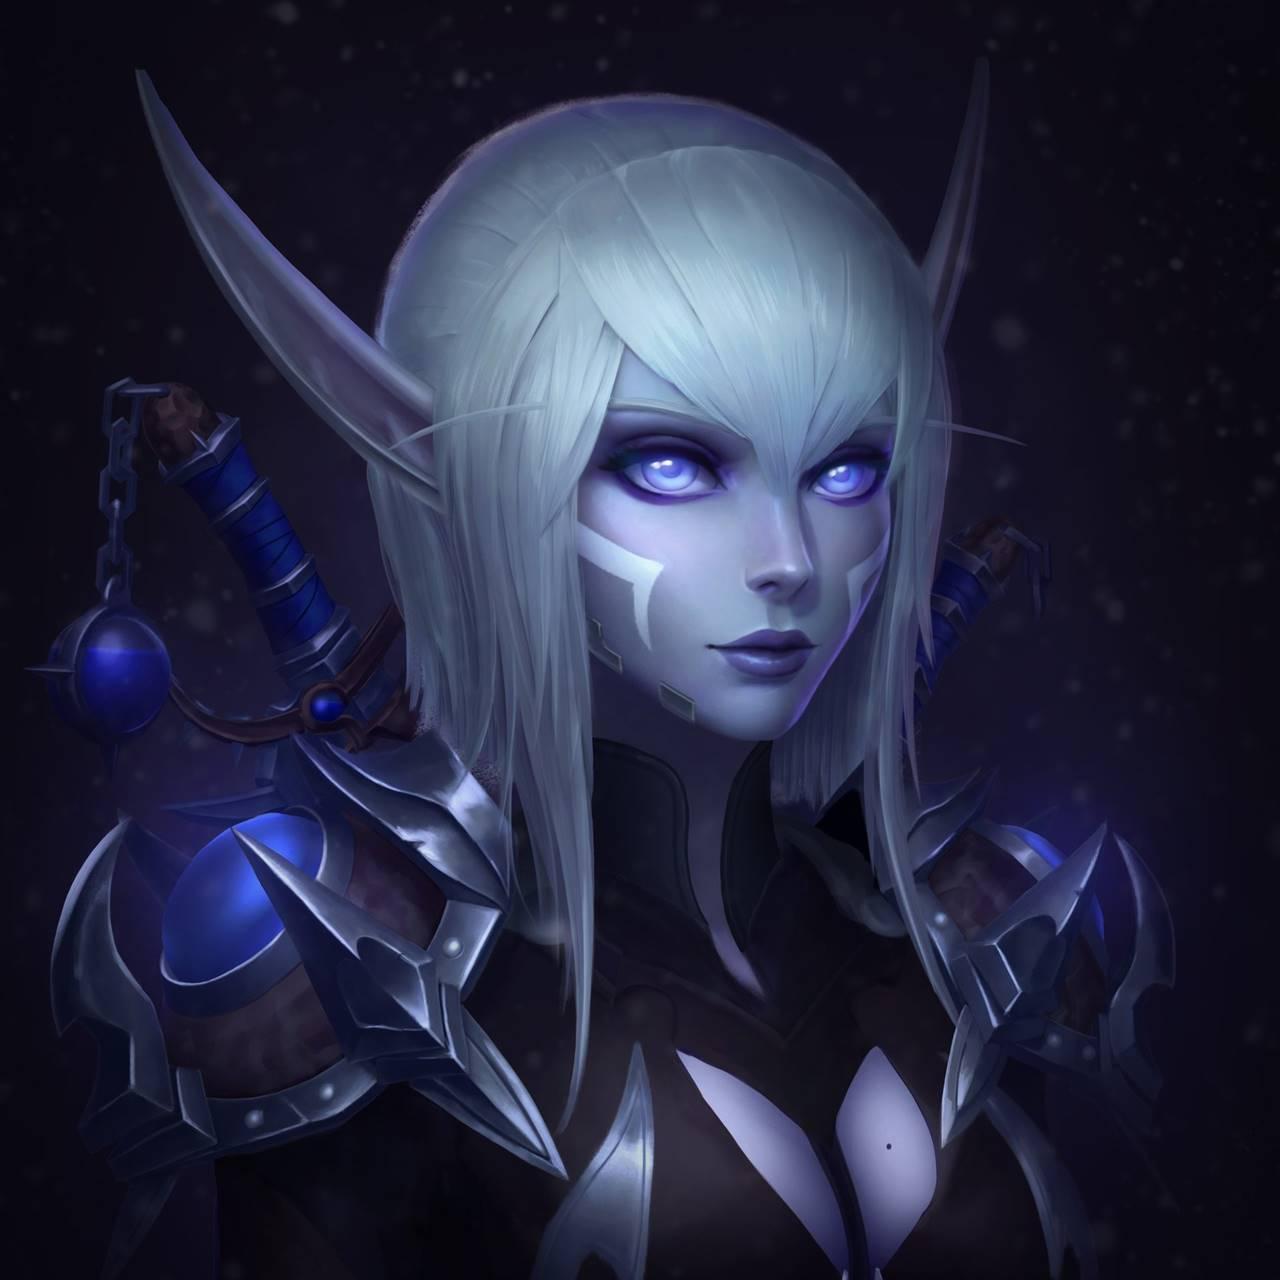 Эльфийка разбойница из World of Warcraft - World of Warcraft Арт